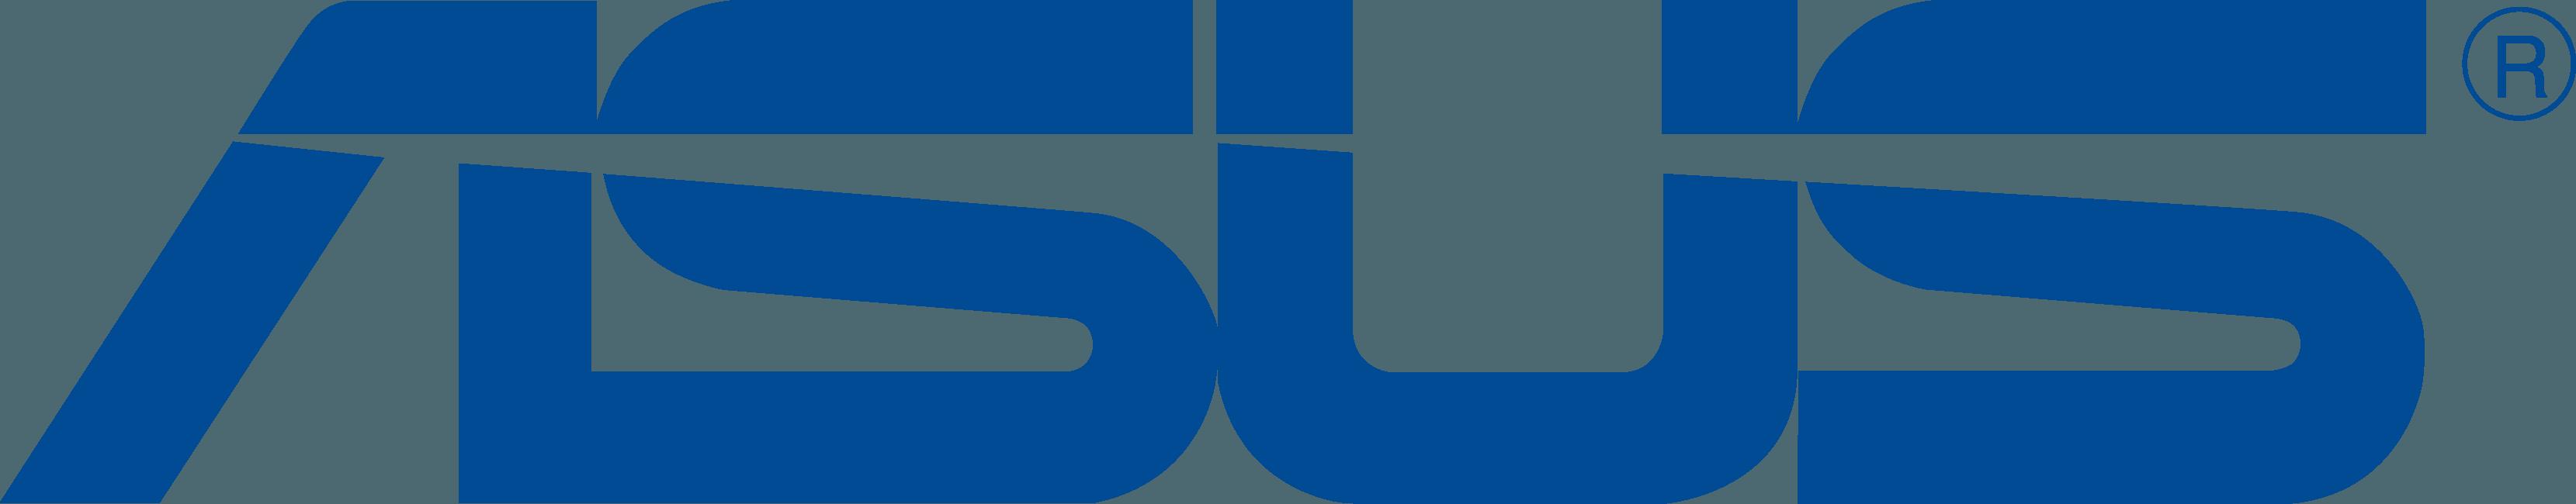 Asus Logo [asus.com] png